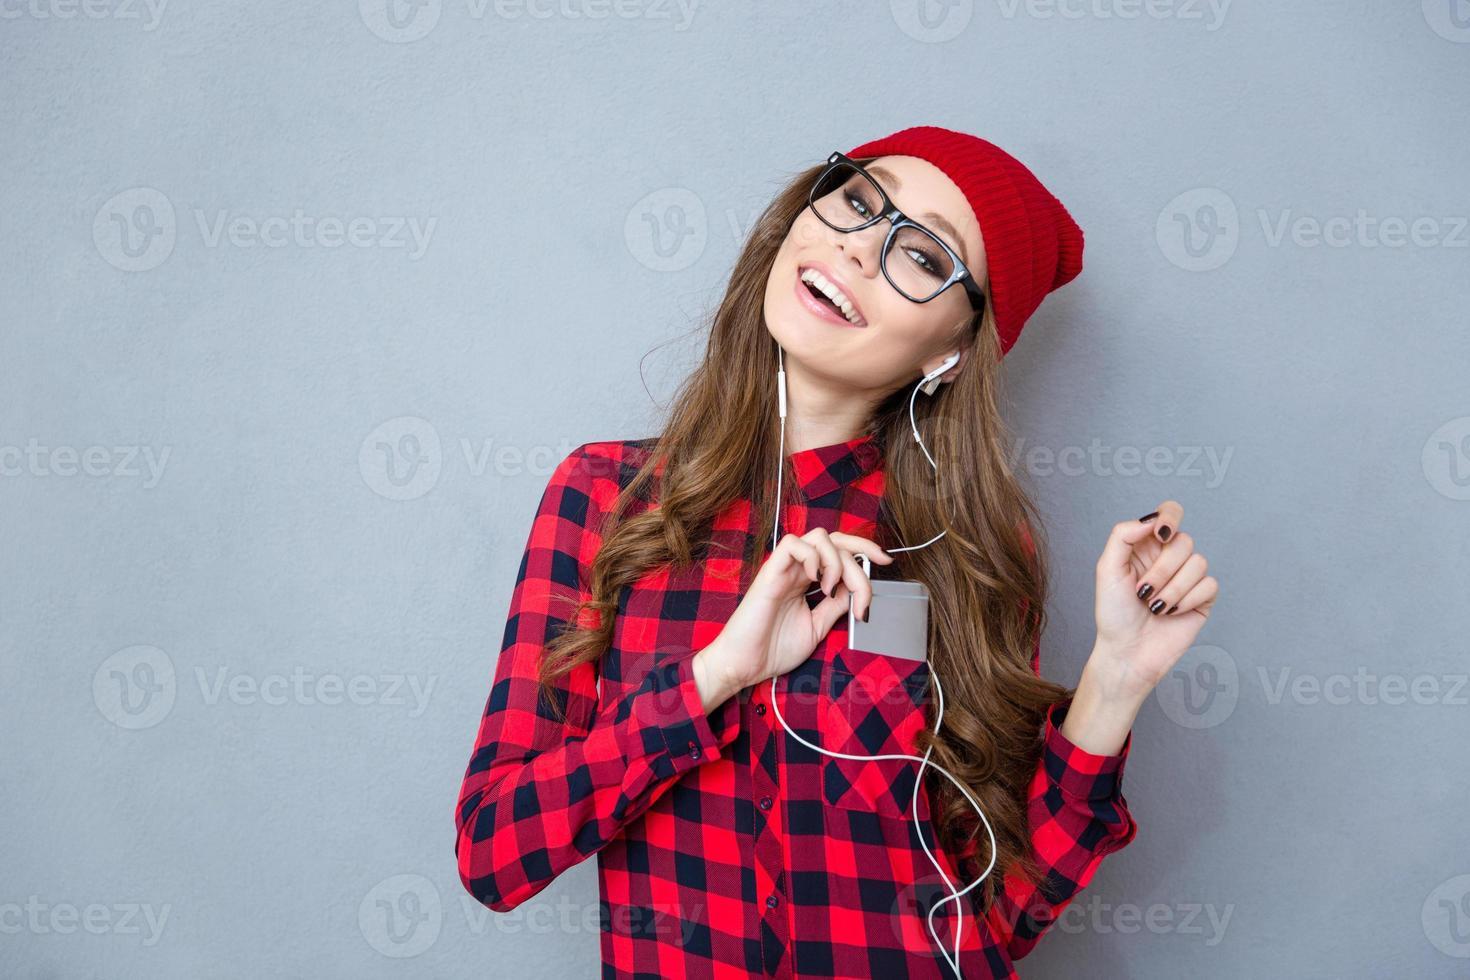 donna sorridente ascoltando musica in cuffia foto